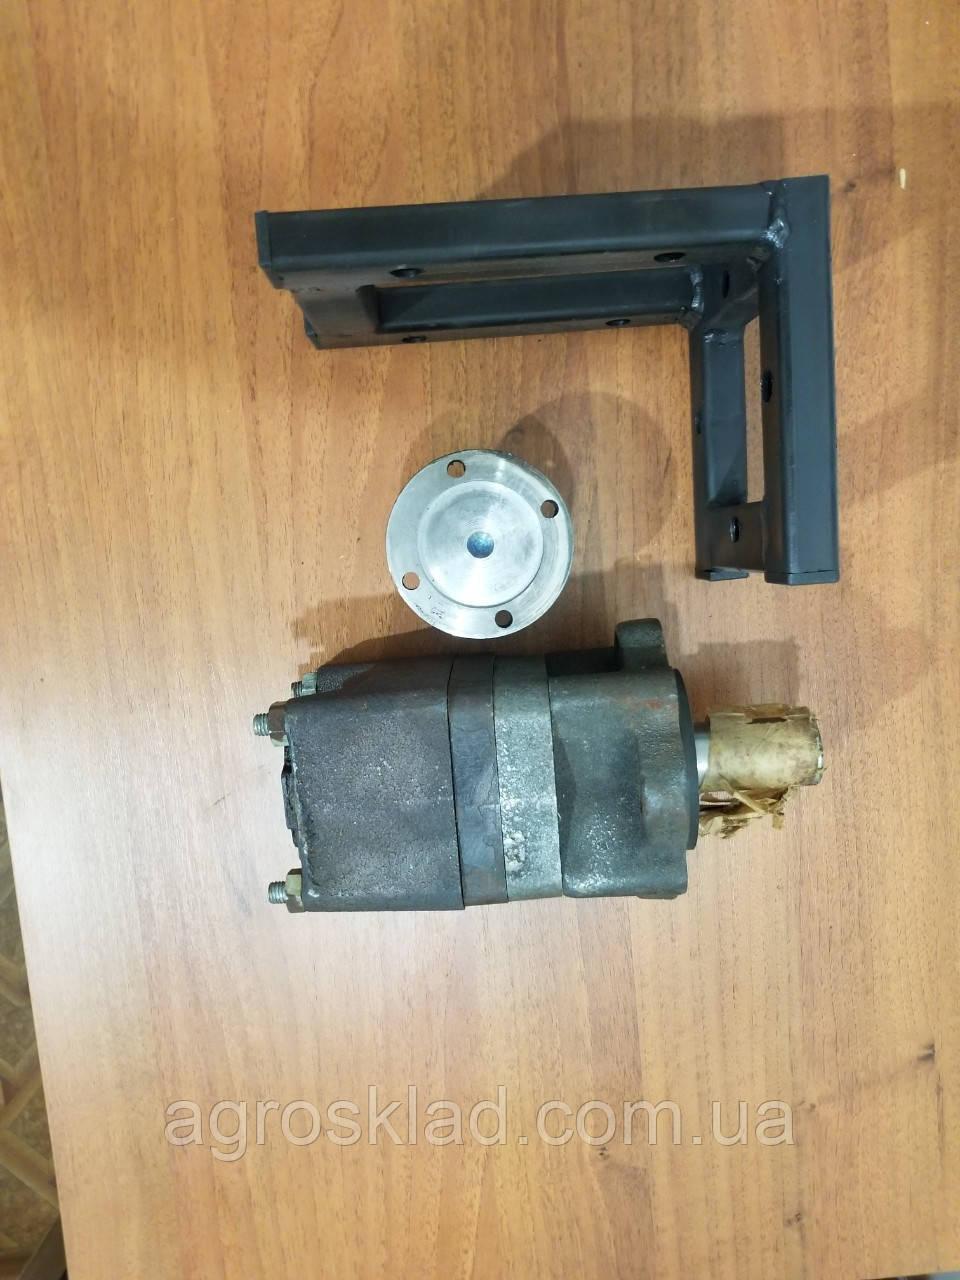 Комплект для установки гидрохода на редуктор ВАЗ (Жигули)